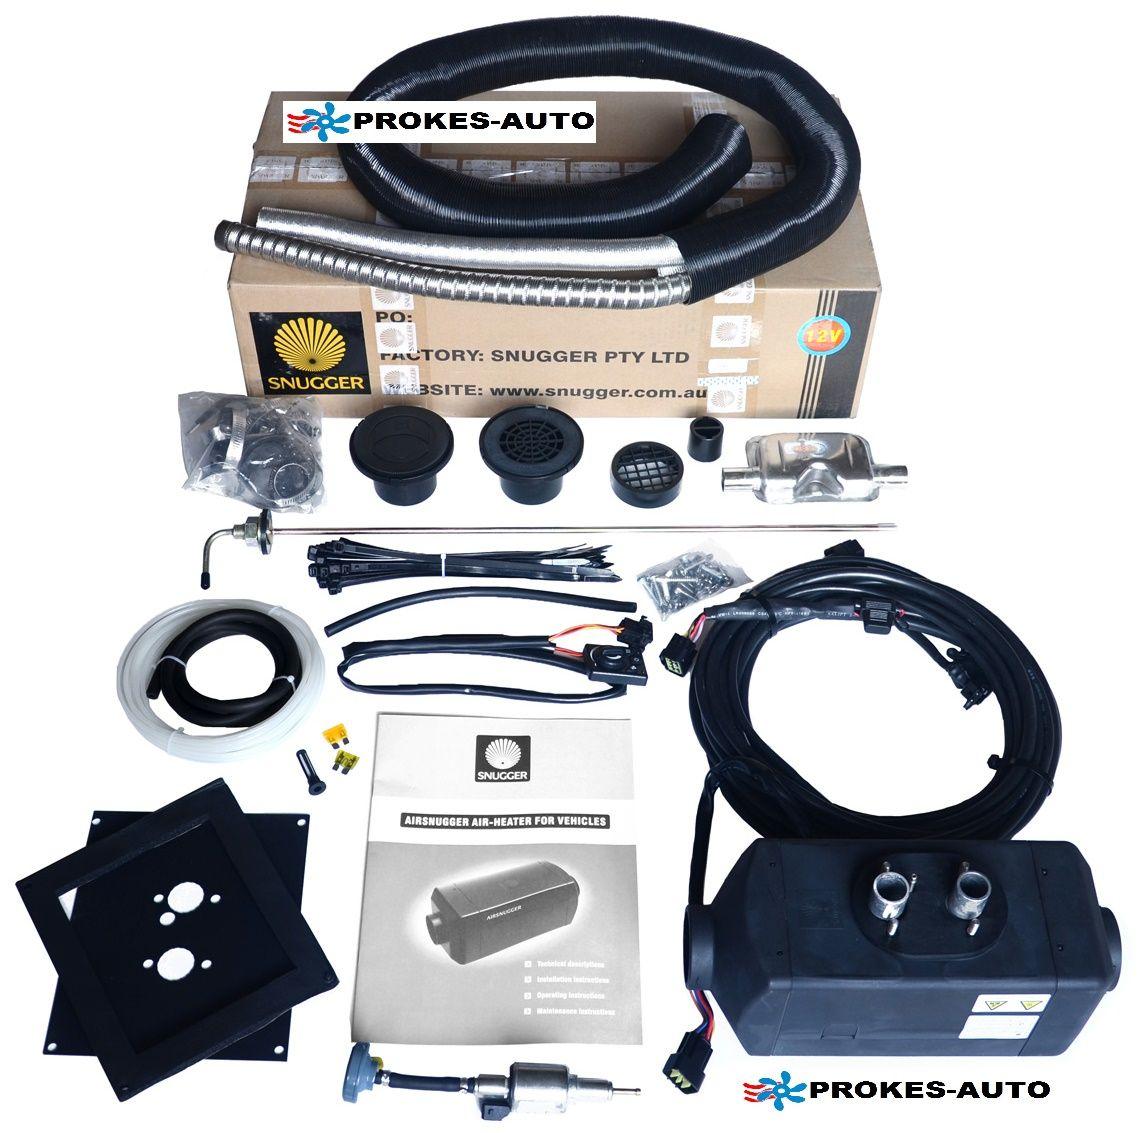 SNUGGER Teplovzušné topení Diesel 4,2kW PLUS 24V